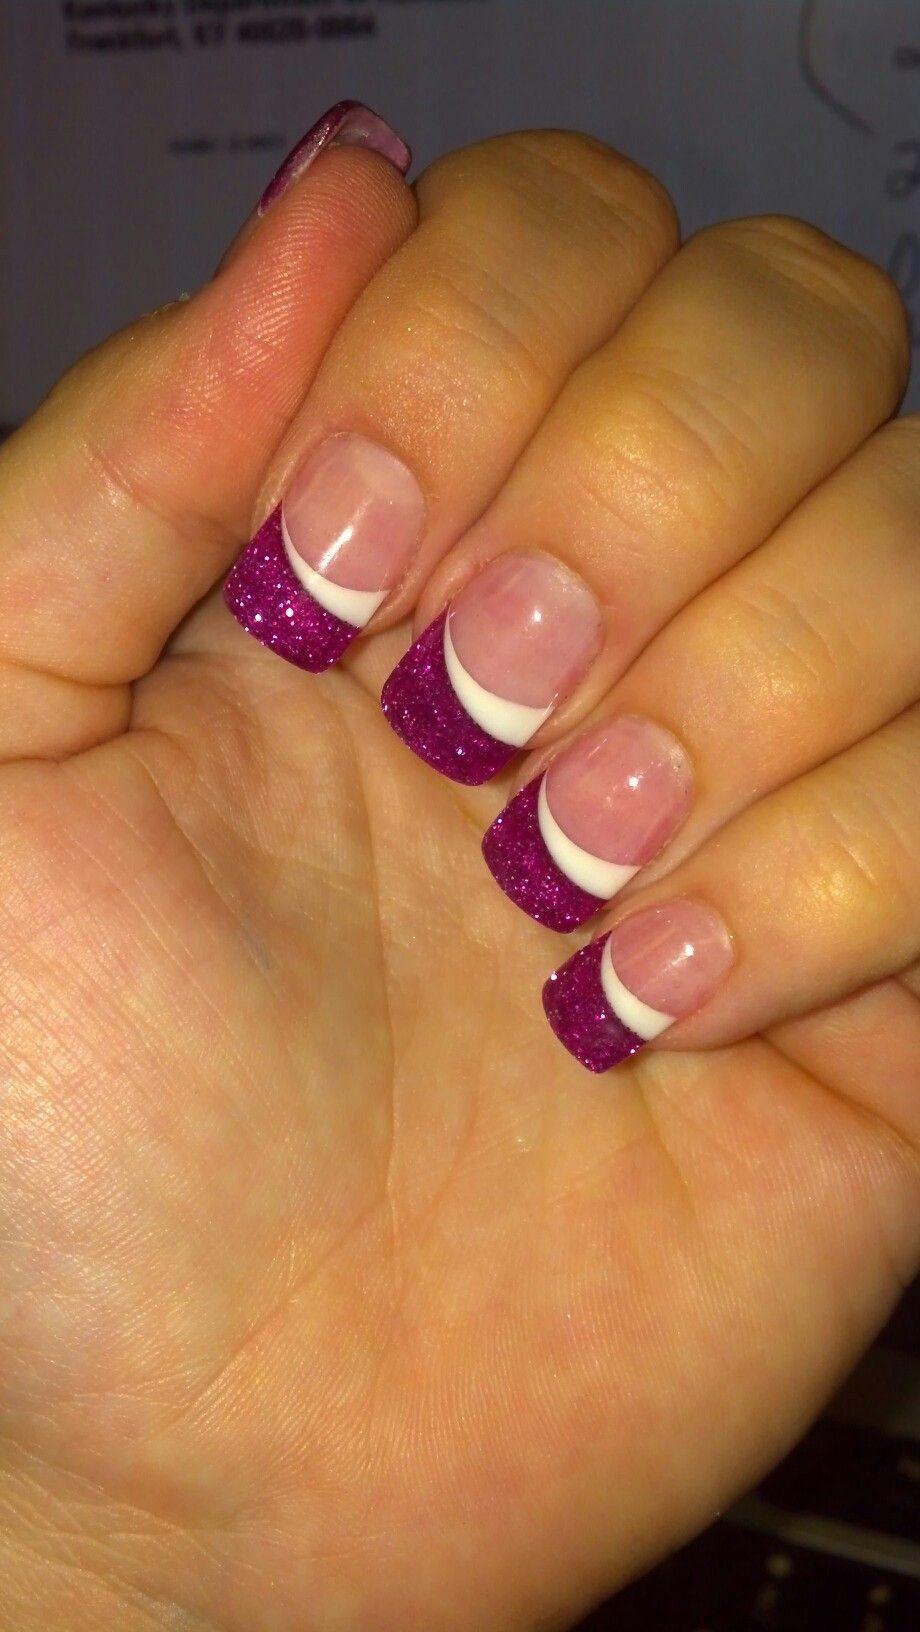 My Nail Guy Calls These Rock Star Nails Lol Nails White Tip Nail Designs White Tip Nails